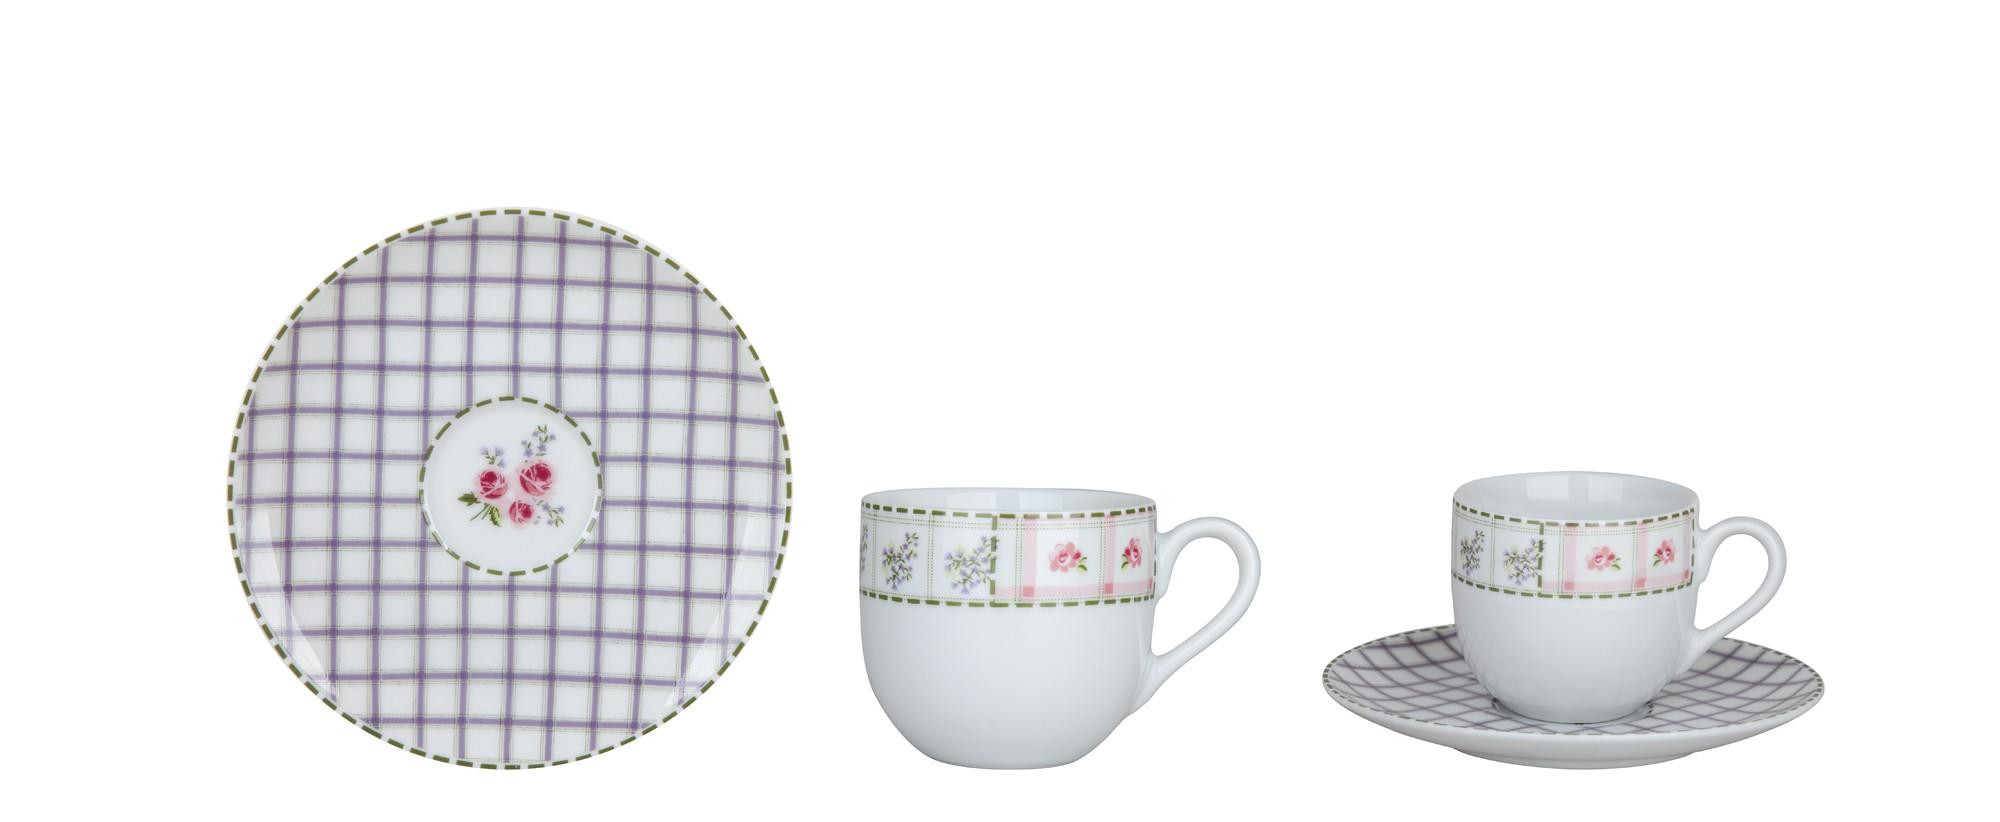 Φλυτζάνι & Πιάτο Καφέ Patchwork Σετ 6τμχ Ionia home   ειδη cafe τσαϊ   κούπες   φλυτζάνια